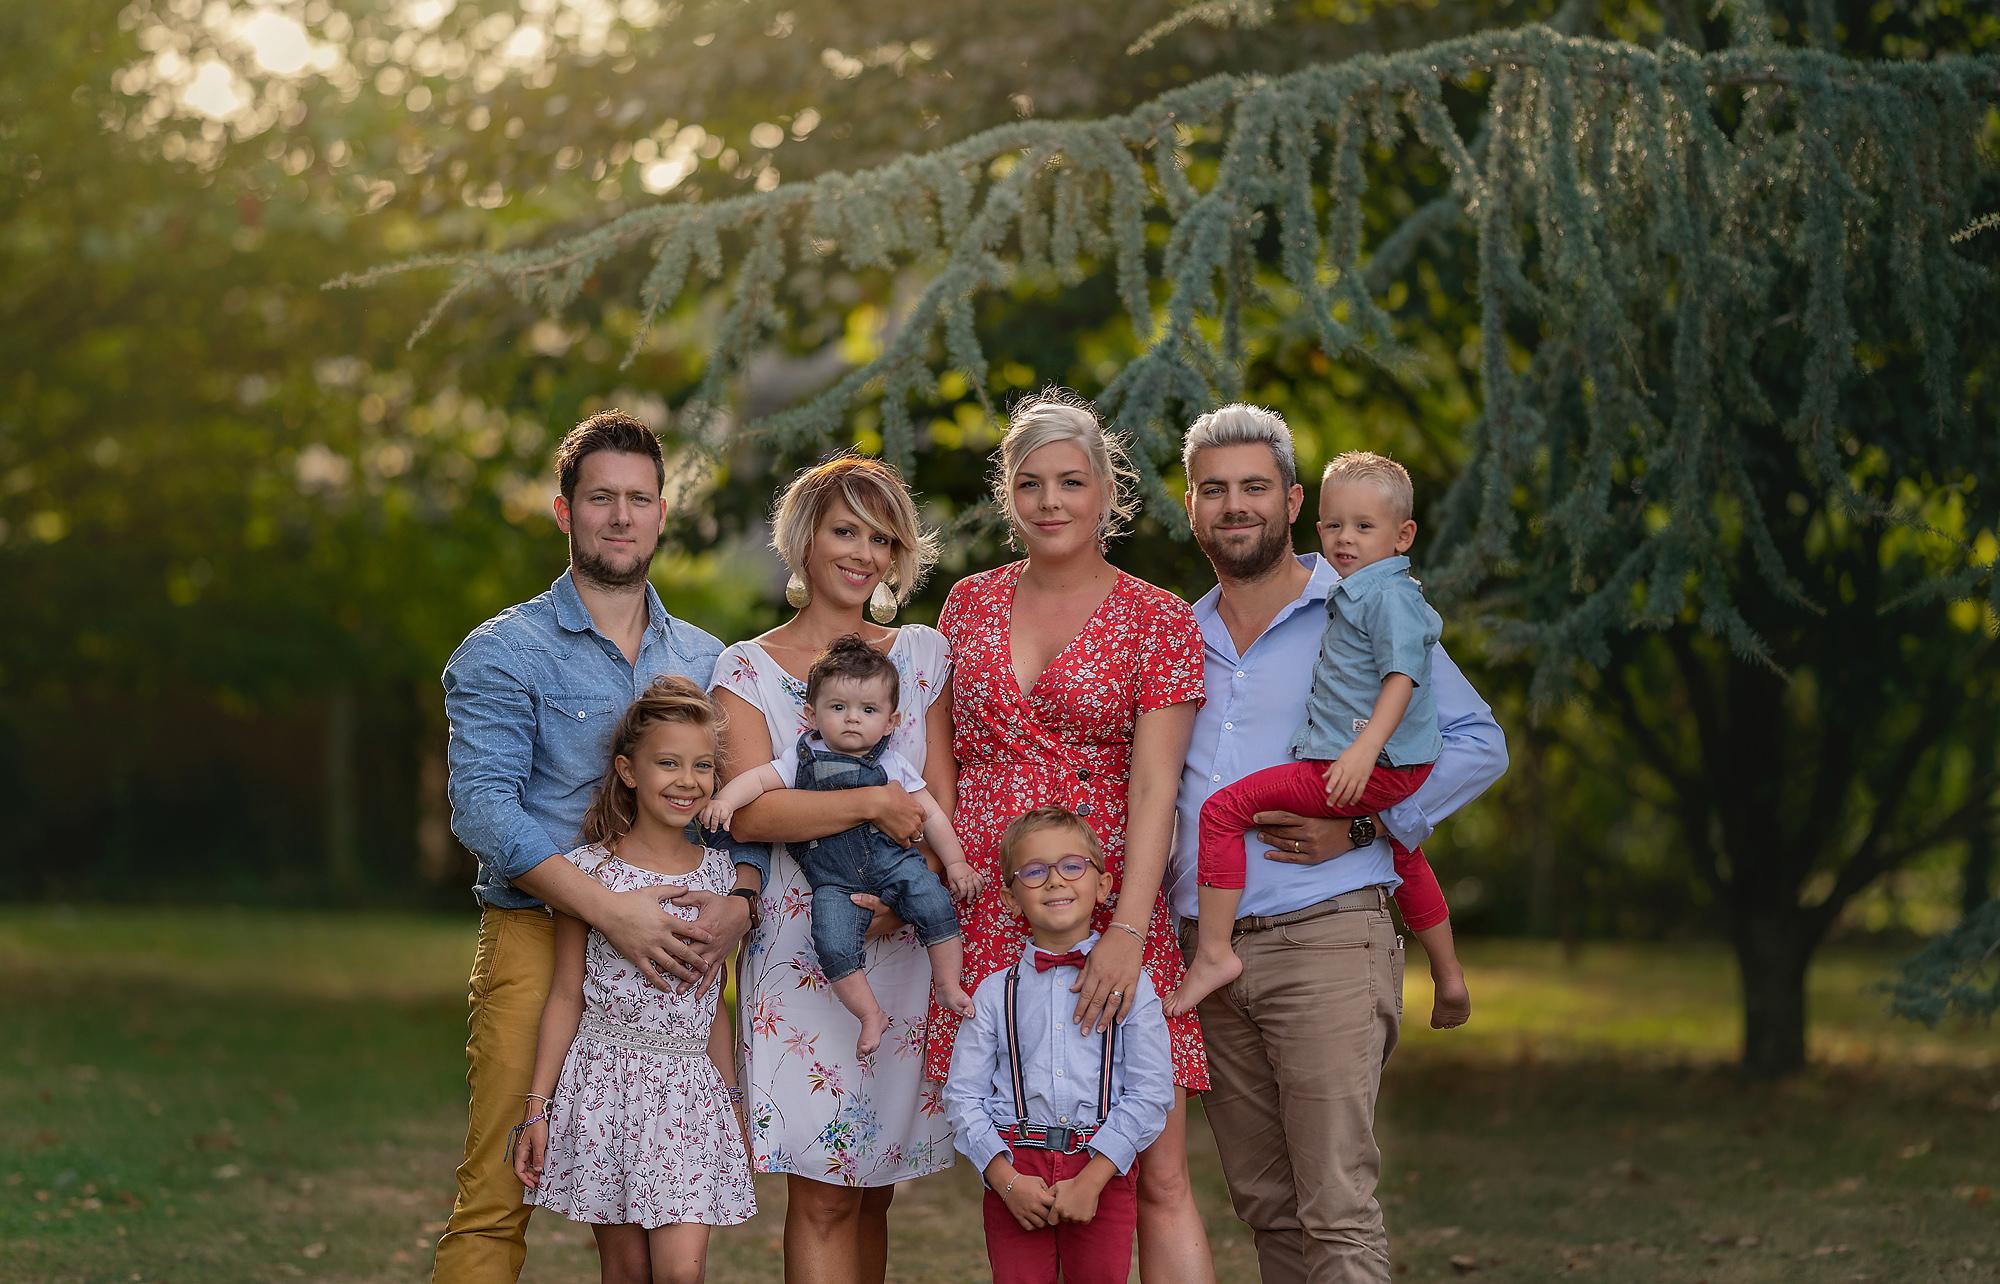 Sheyline Photography, Photographe spécialiste de nouveau-né, bébé, enfant, famille, grossesse et mariage sur POITIERS (86) et ses environs